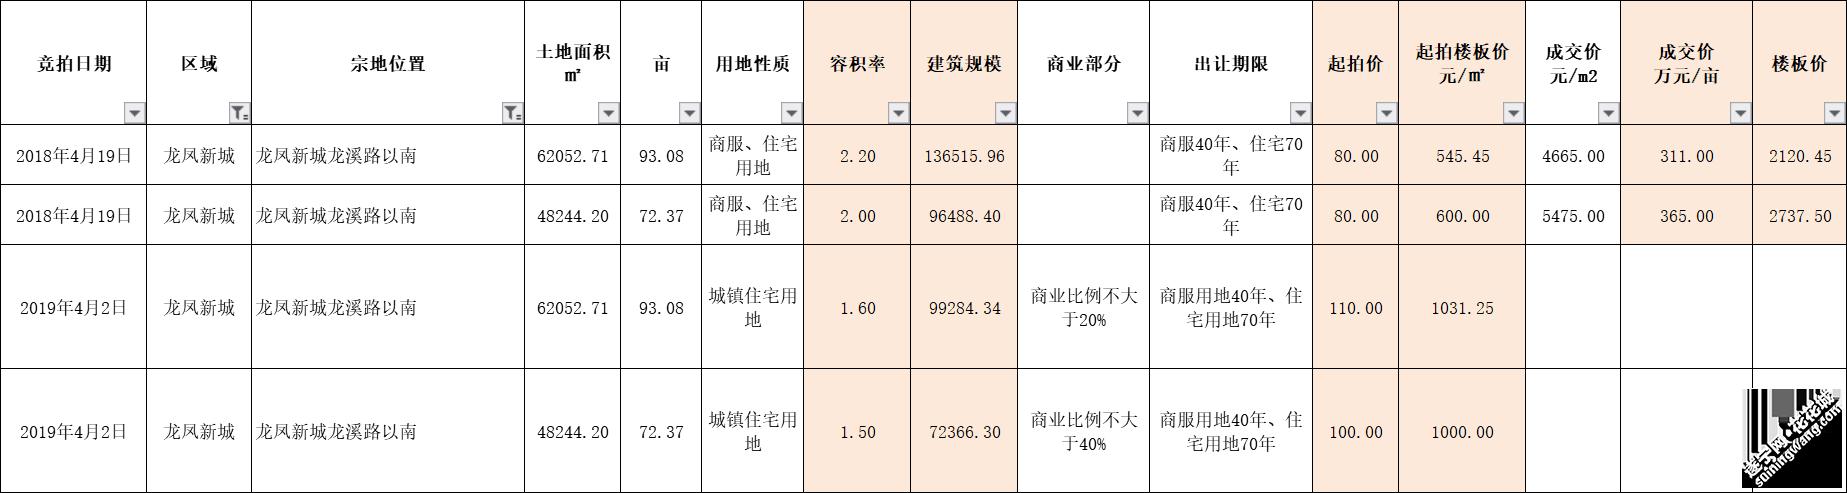 龙凤.png